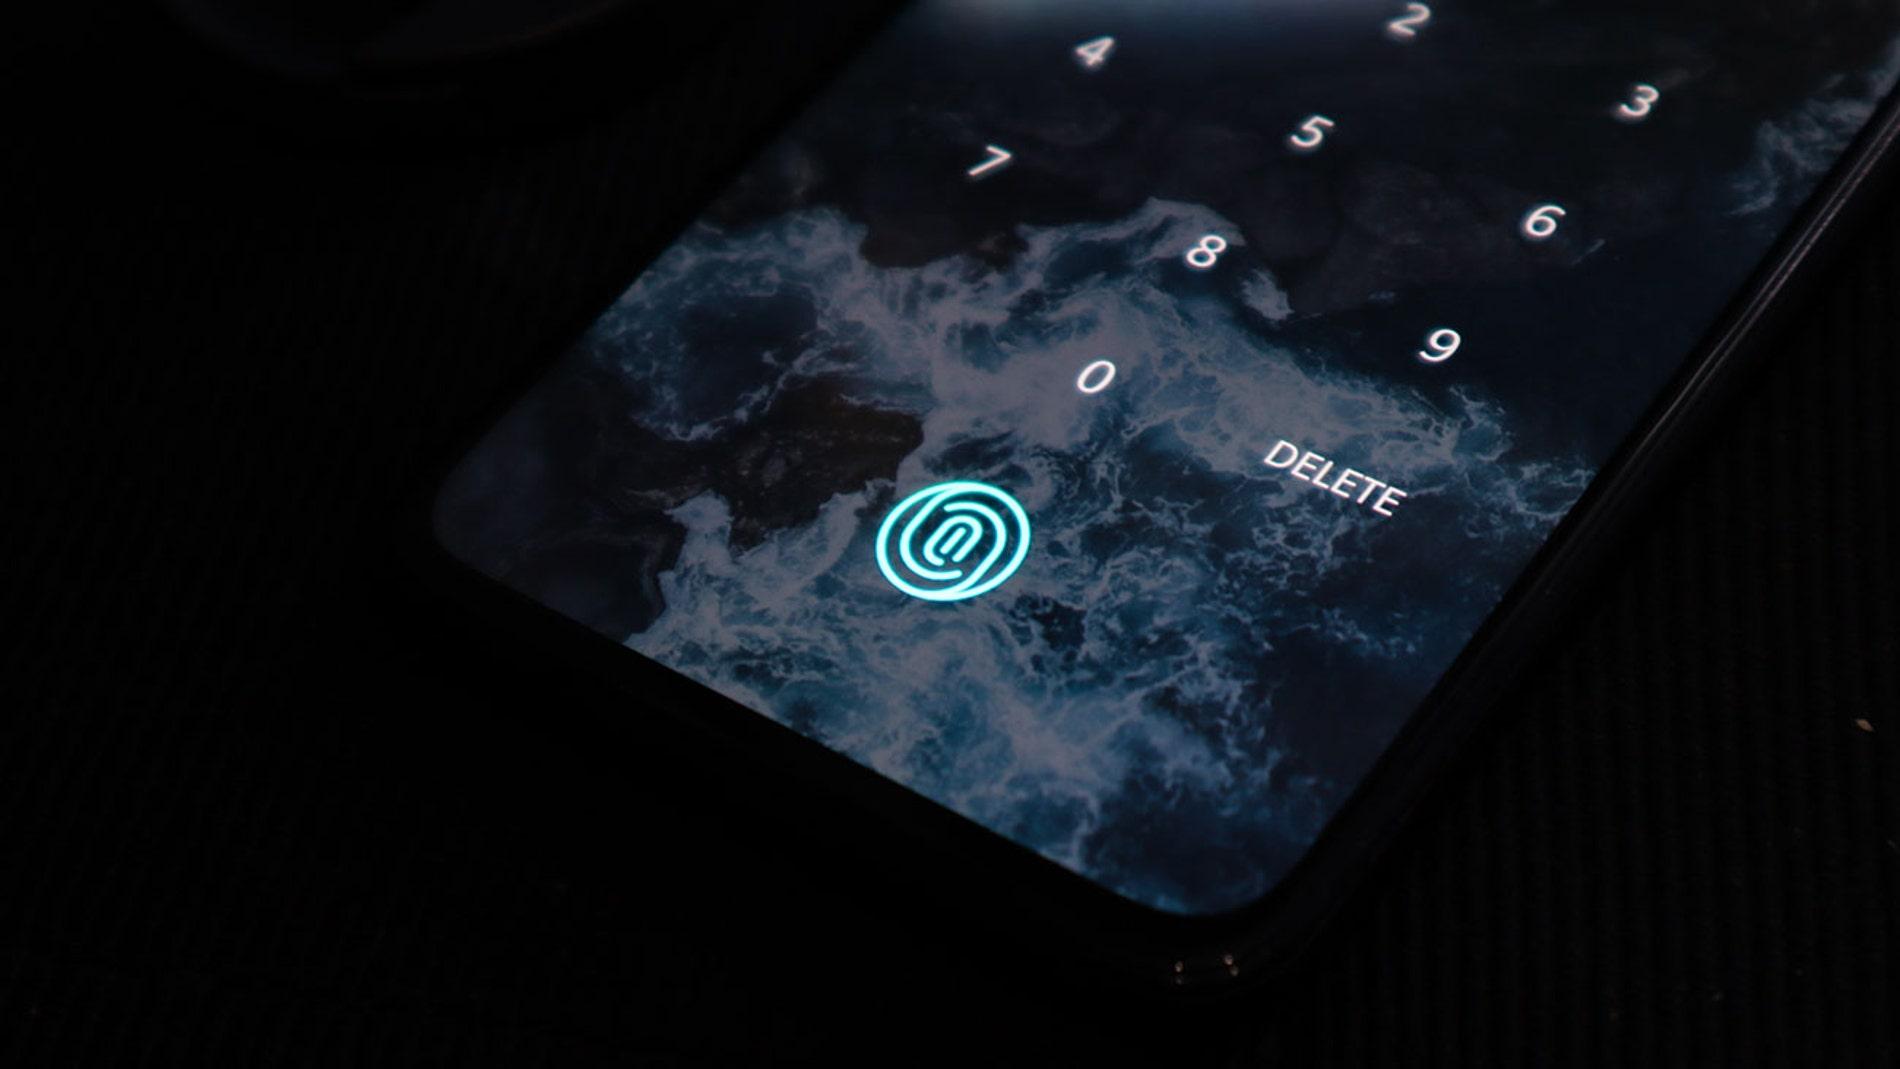 Lector de huellas en la pantalla de un móvil